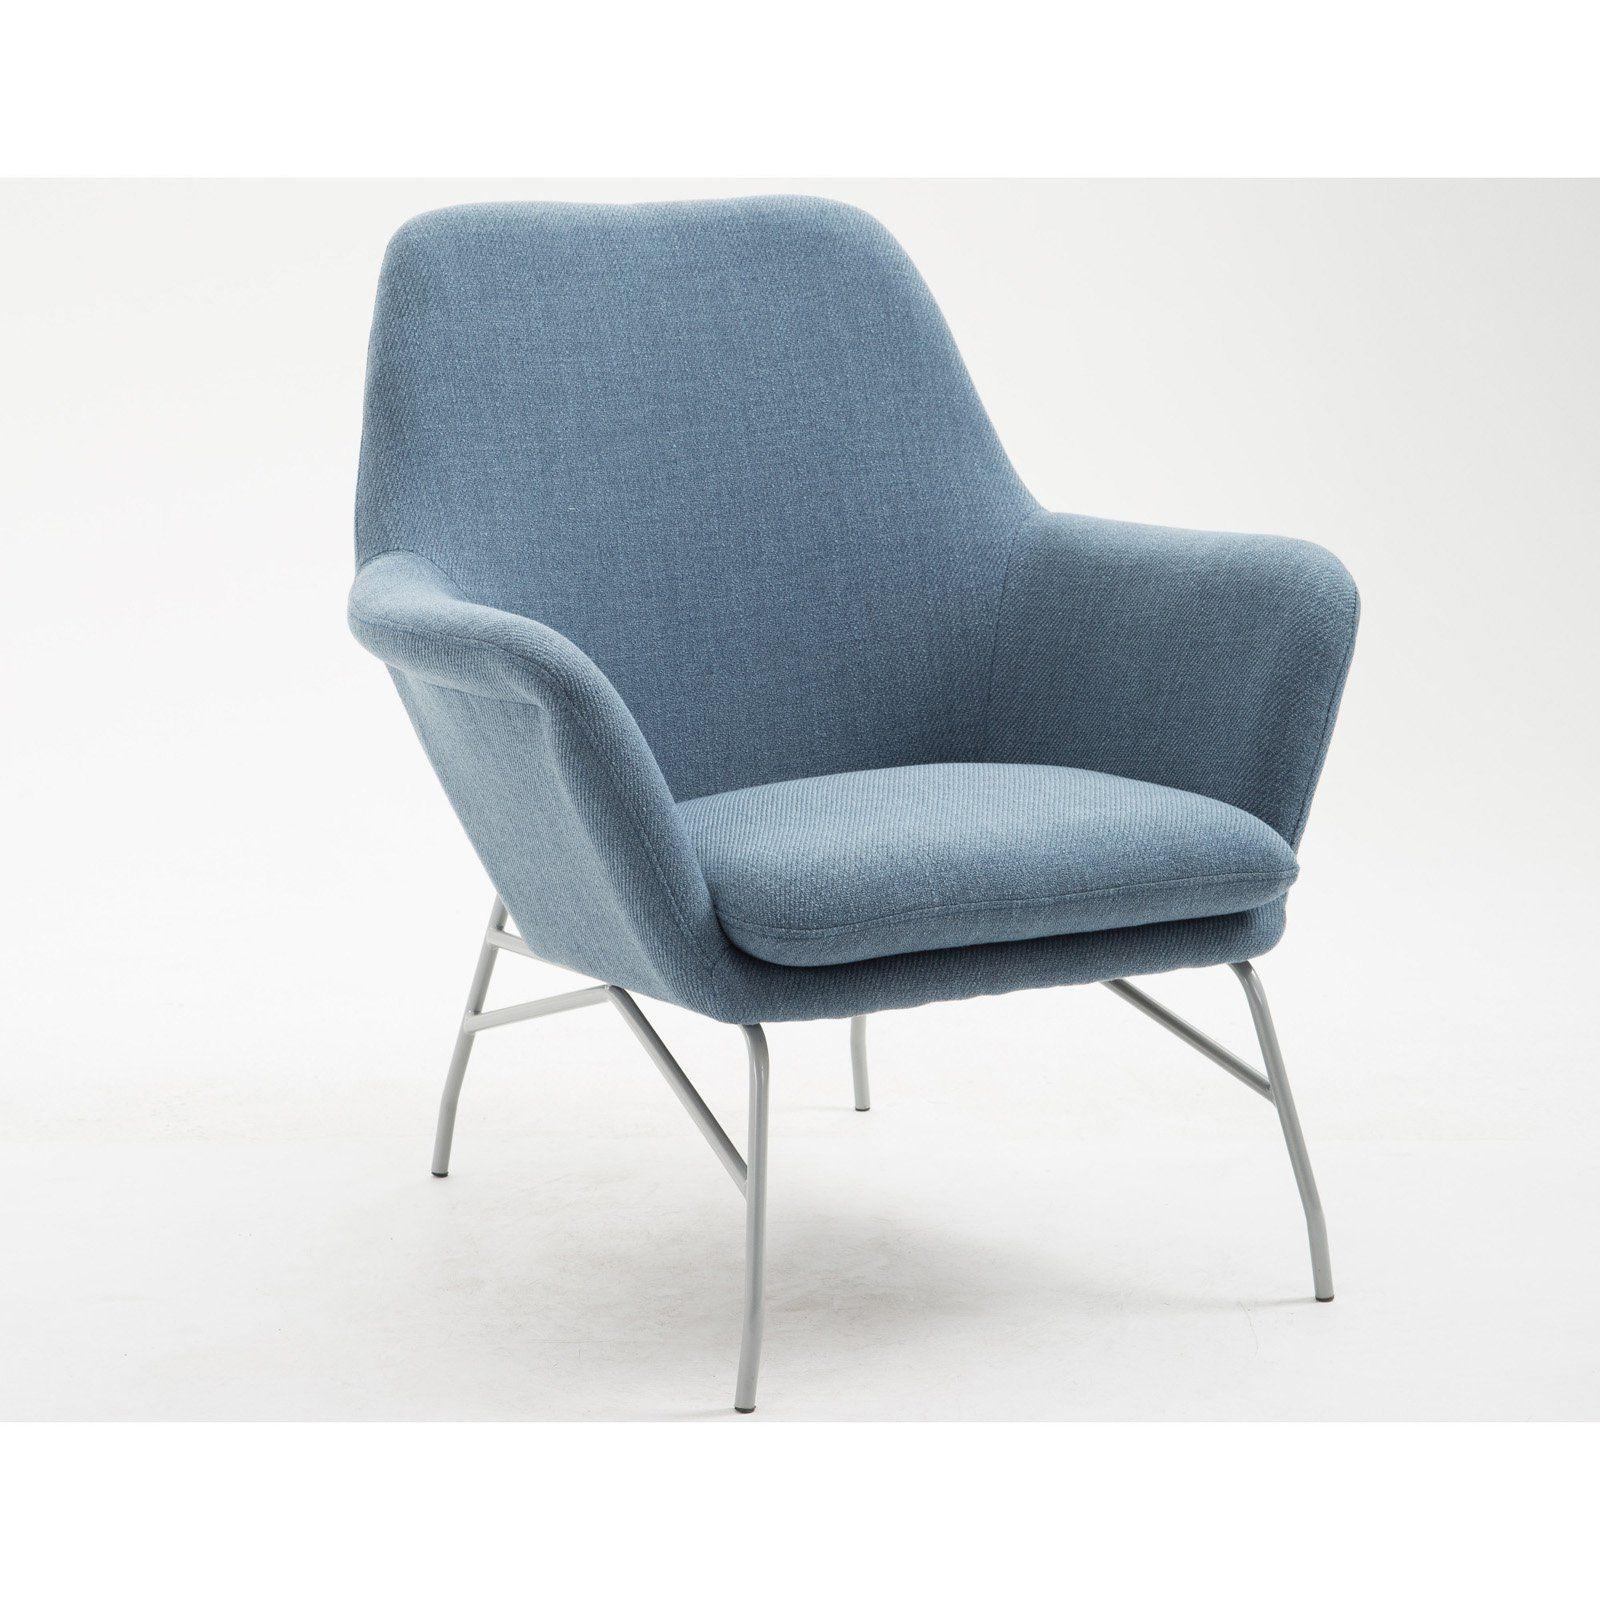 Best Emerald Home Essex Uptown Accent Chair Uptown Denim In 400 x 300